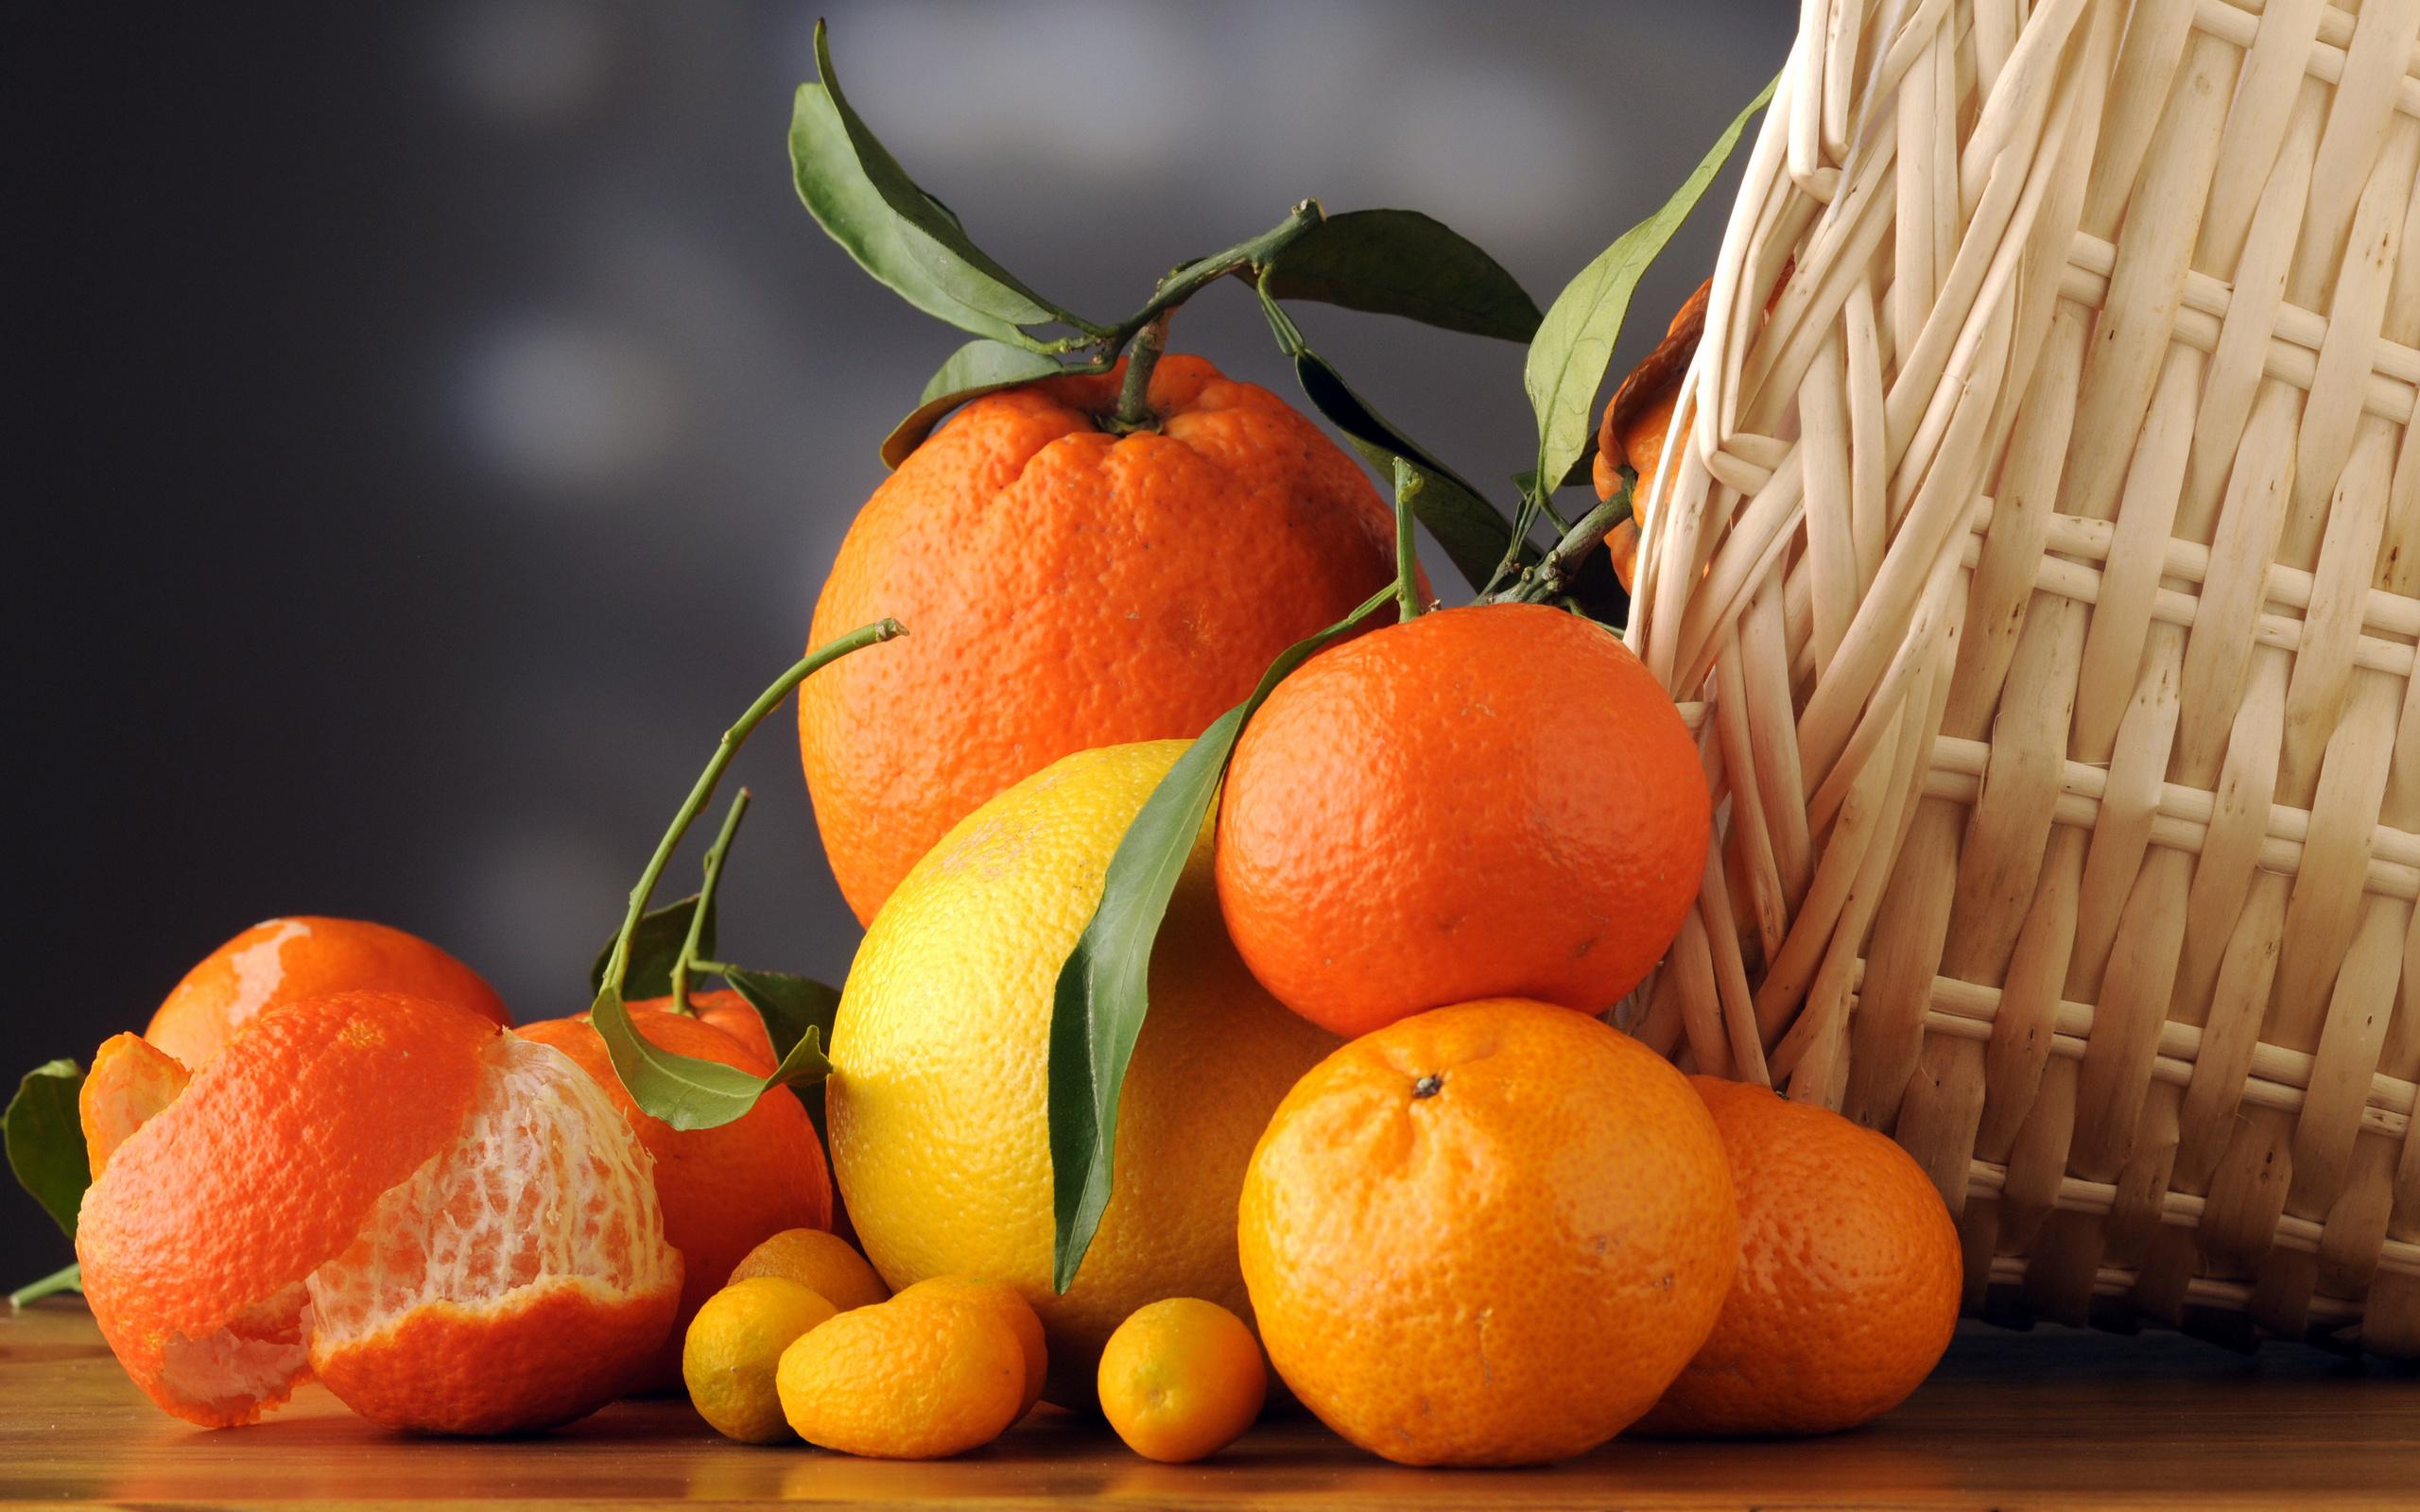 Апельсины картинка на рабочий